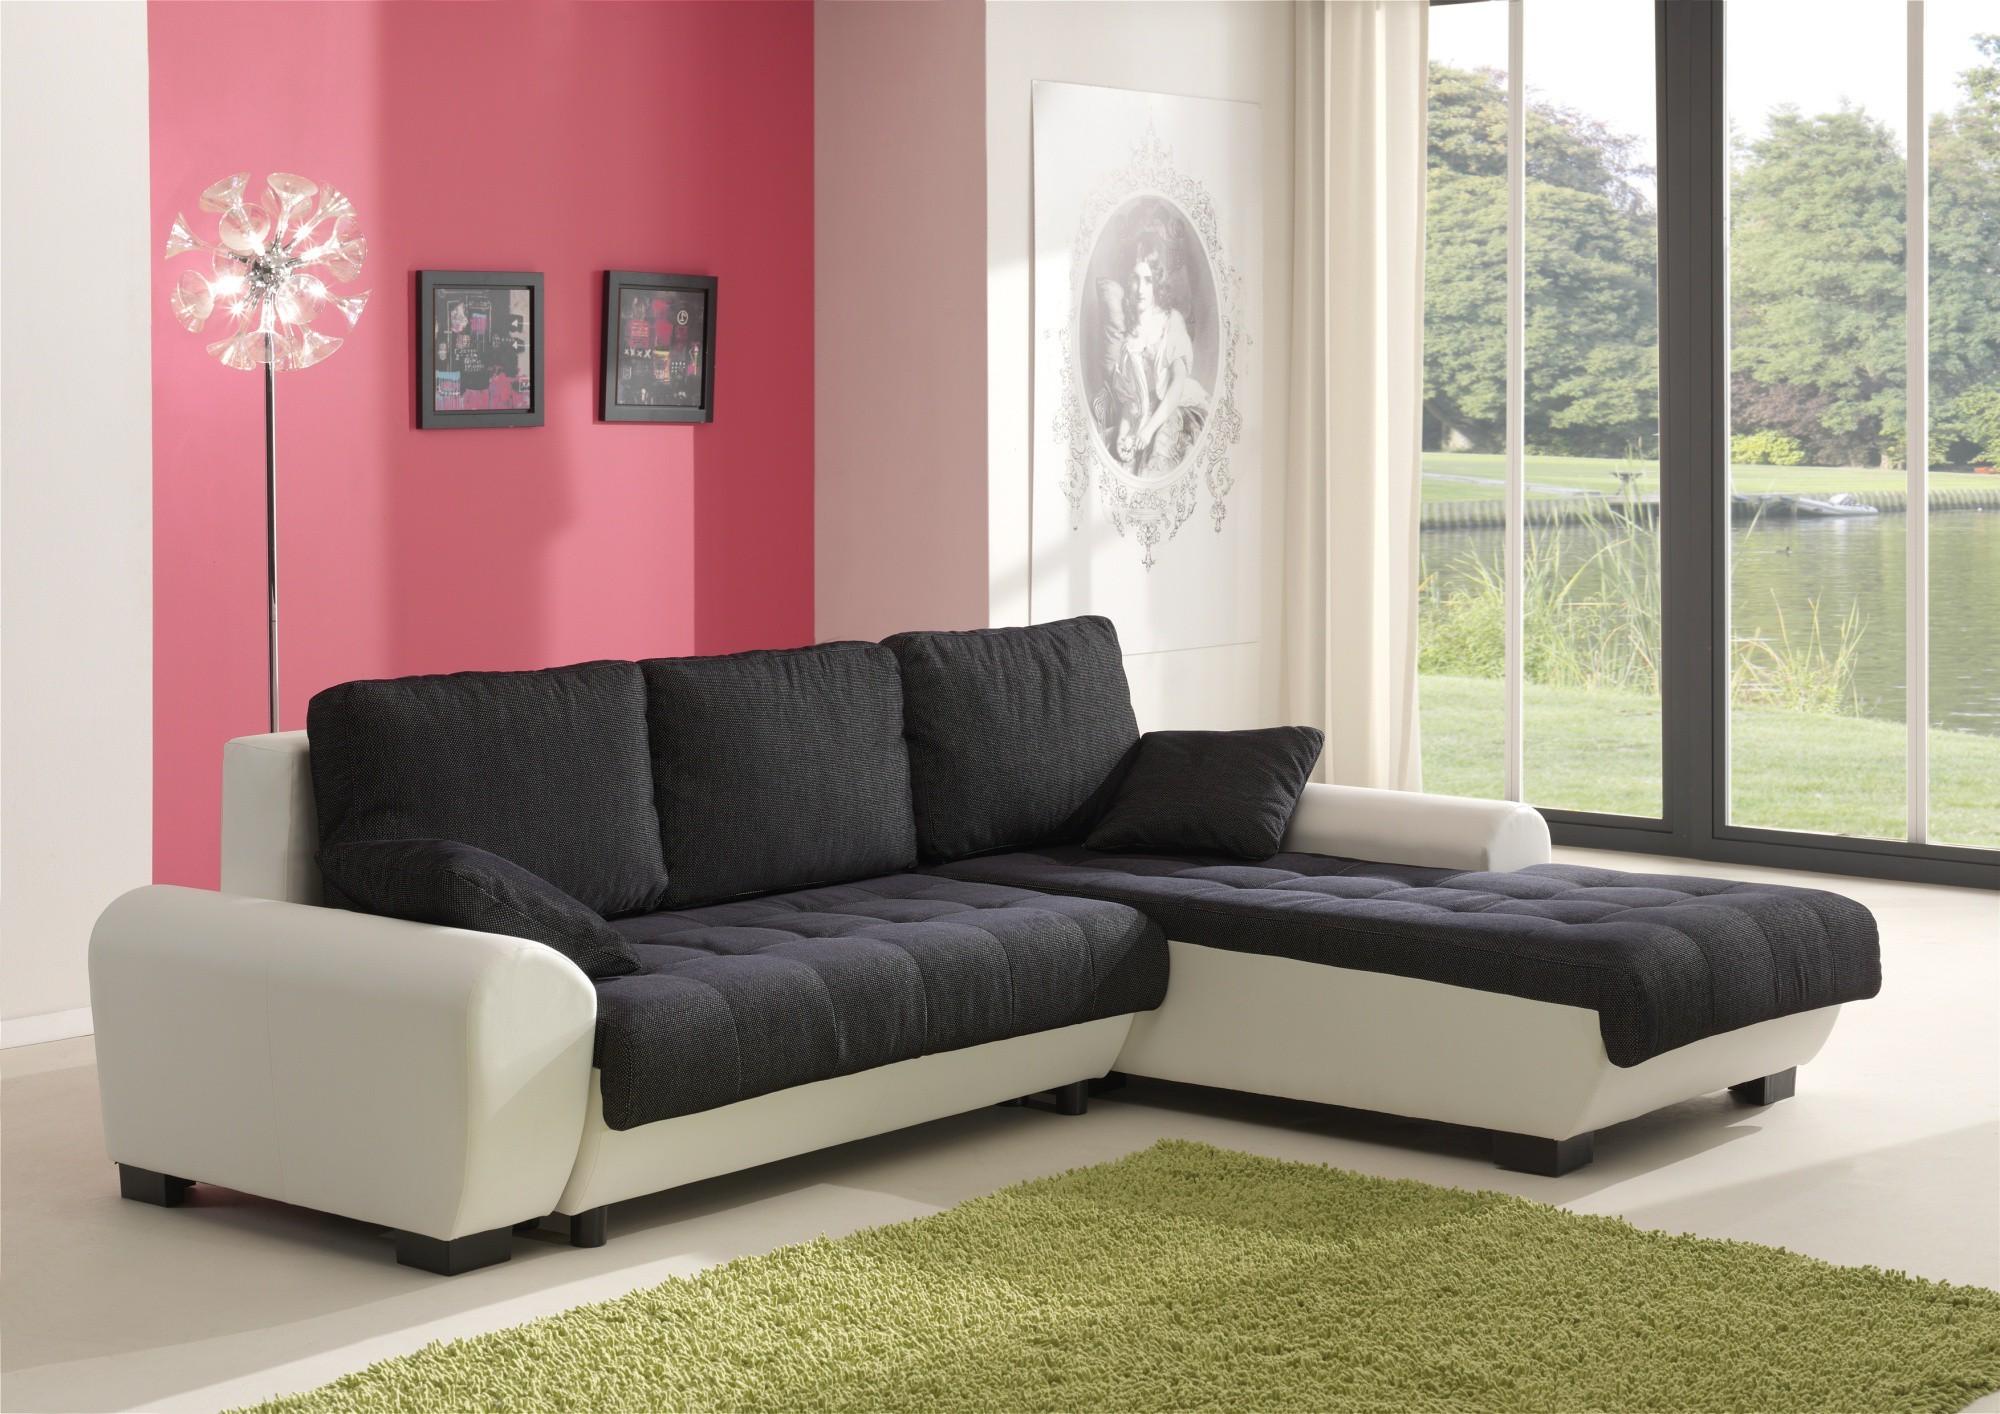 Canapé D'angle Convertible Noir Et Gris